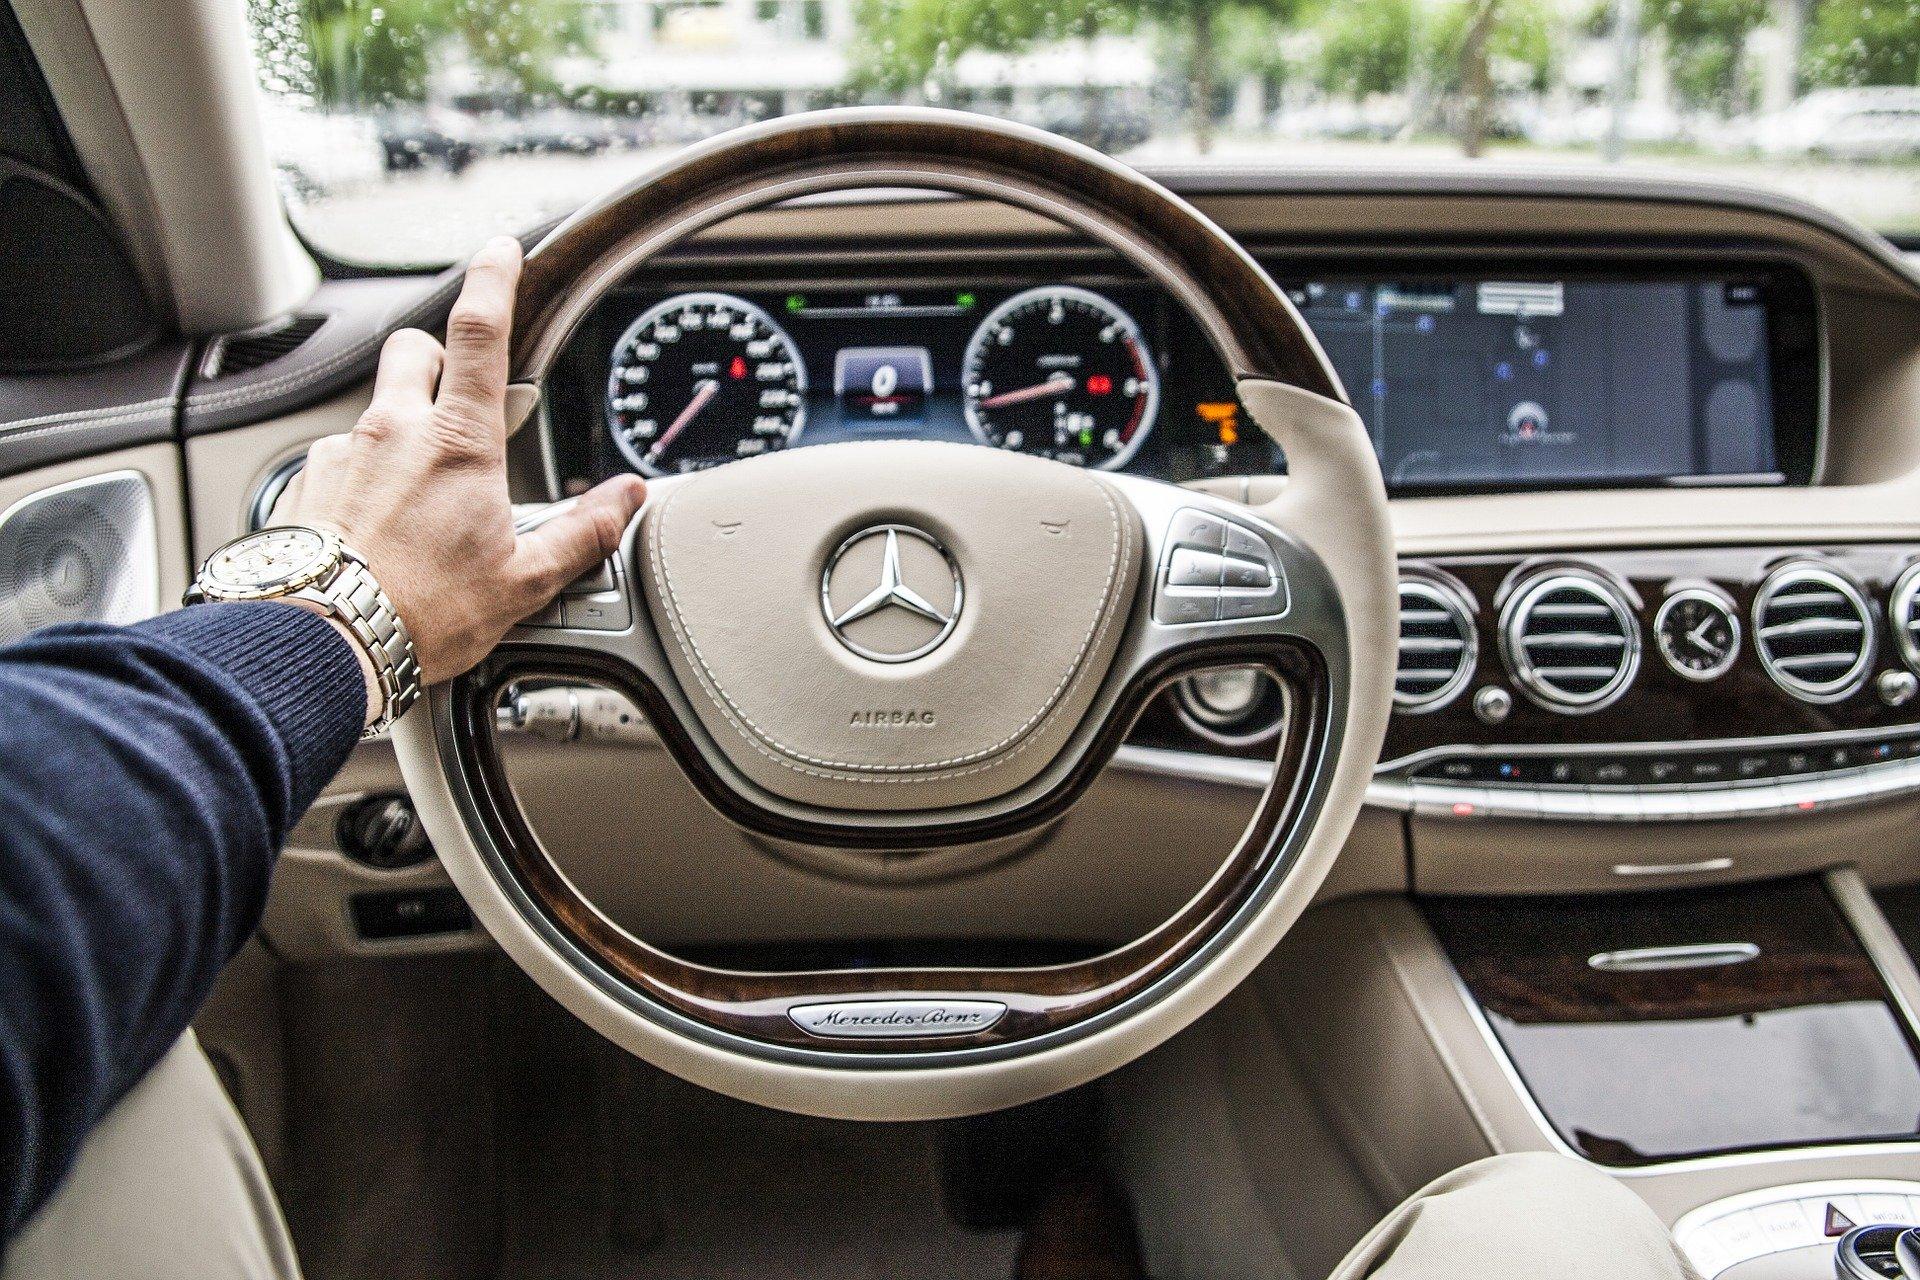 BMW, Mercedes stop the joint development of autonomous vehicle technology